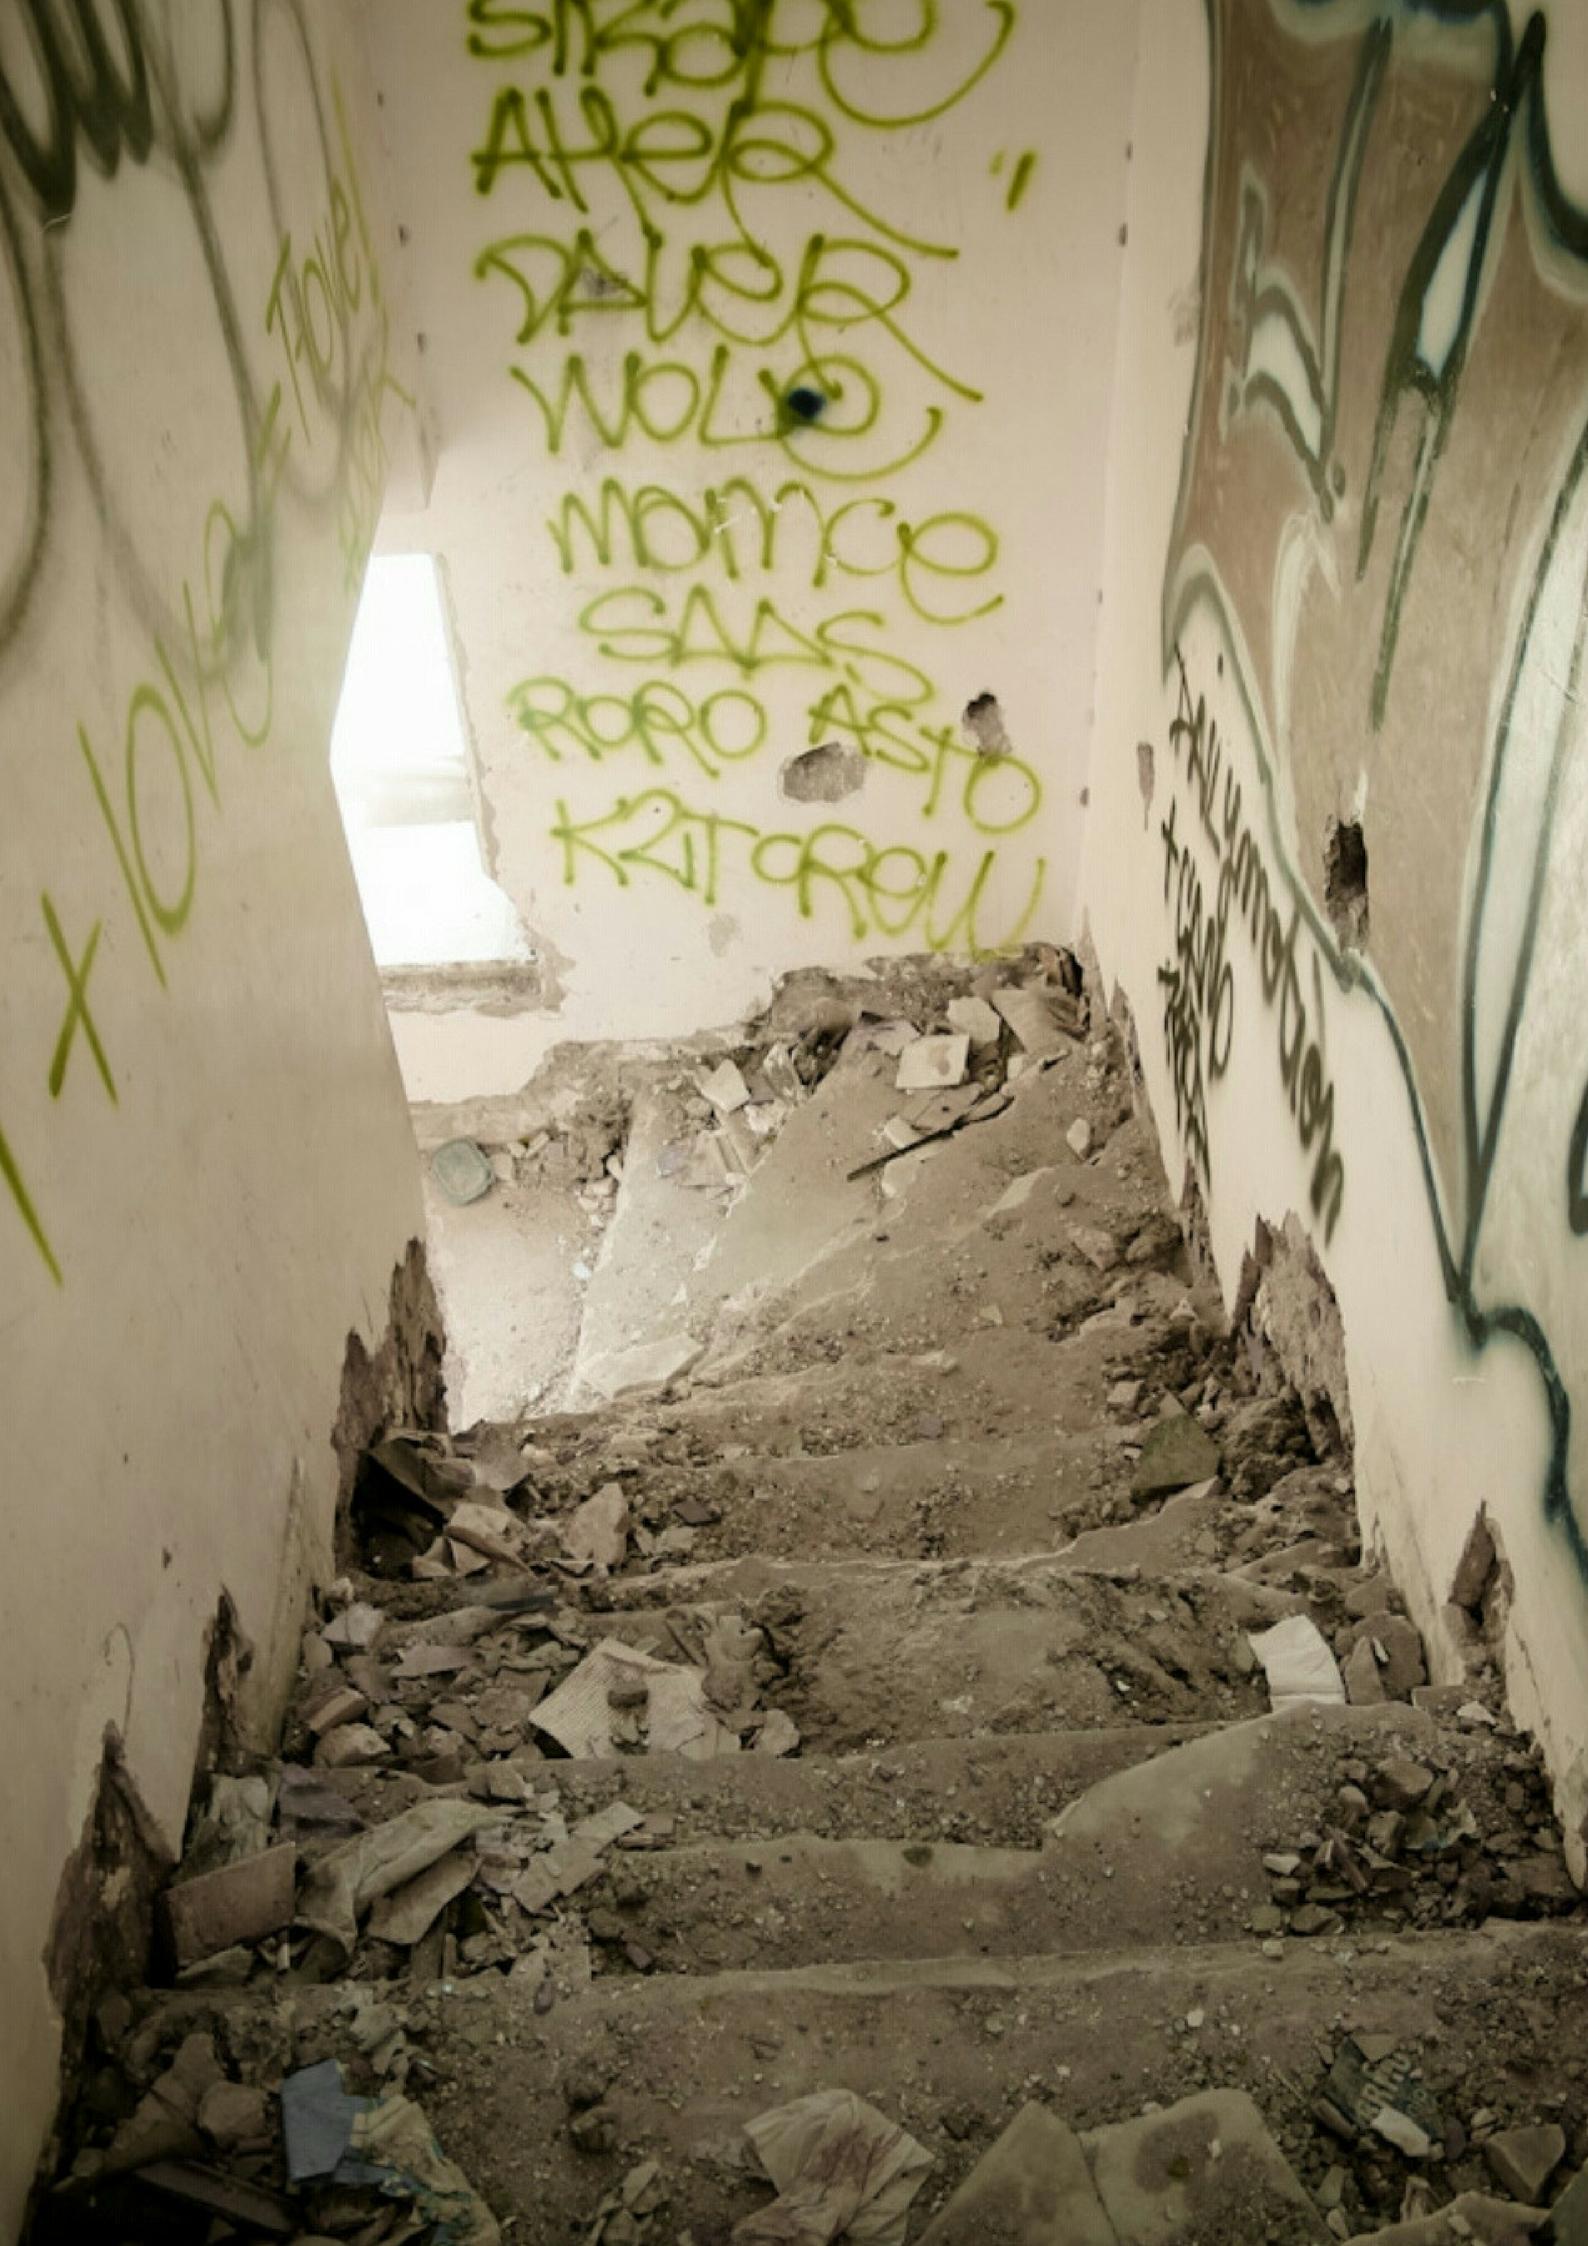 graffiti, street art, ben ali, trabelsi, tunisia, jasmin revolution, arab spring